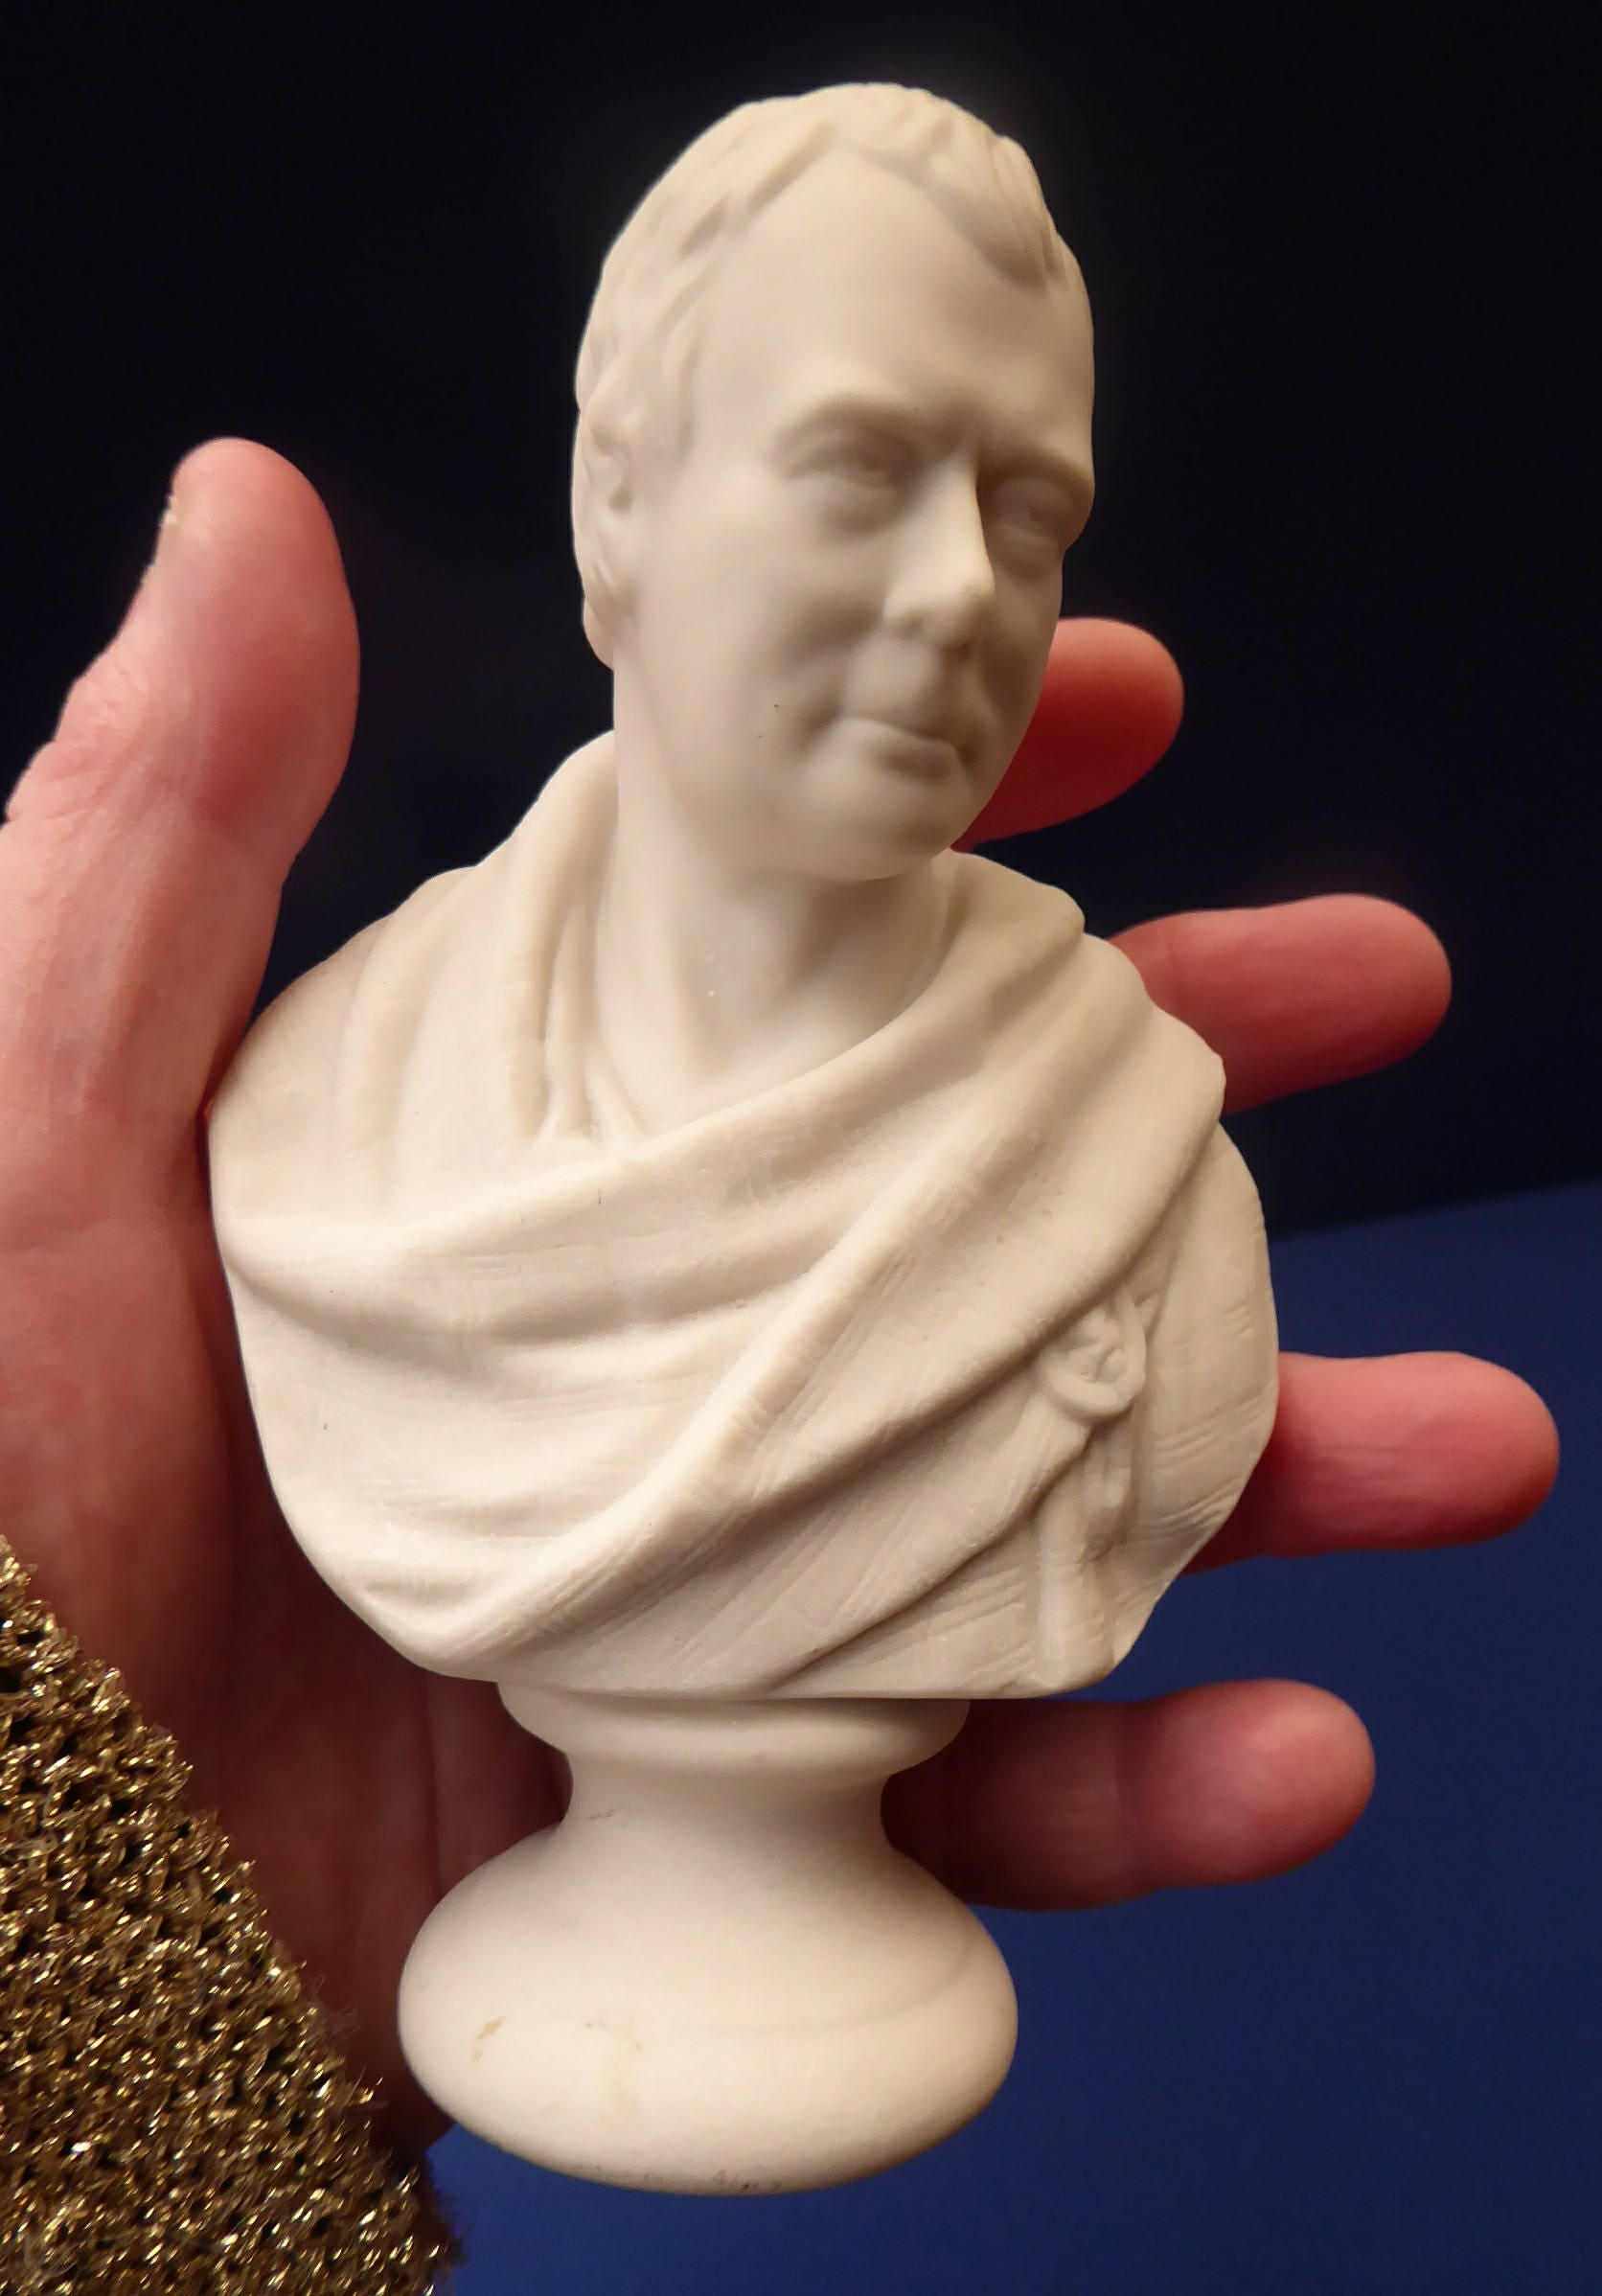 Antique Miniature W H  Goss Parian Bust of Sir Walter Scott, c 1880